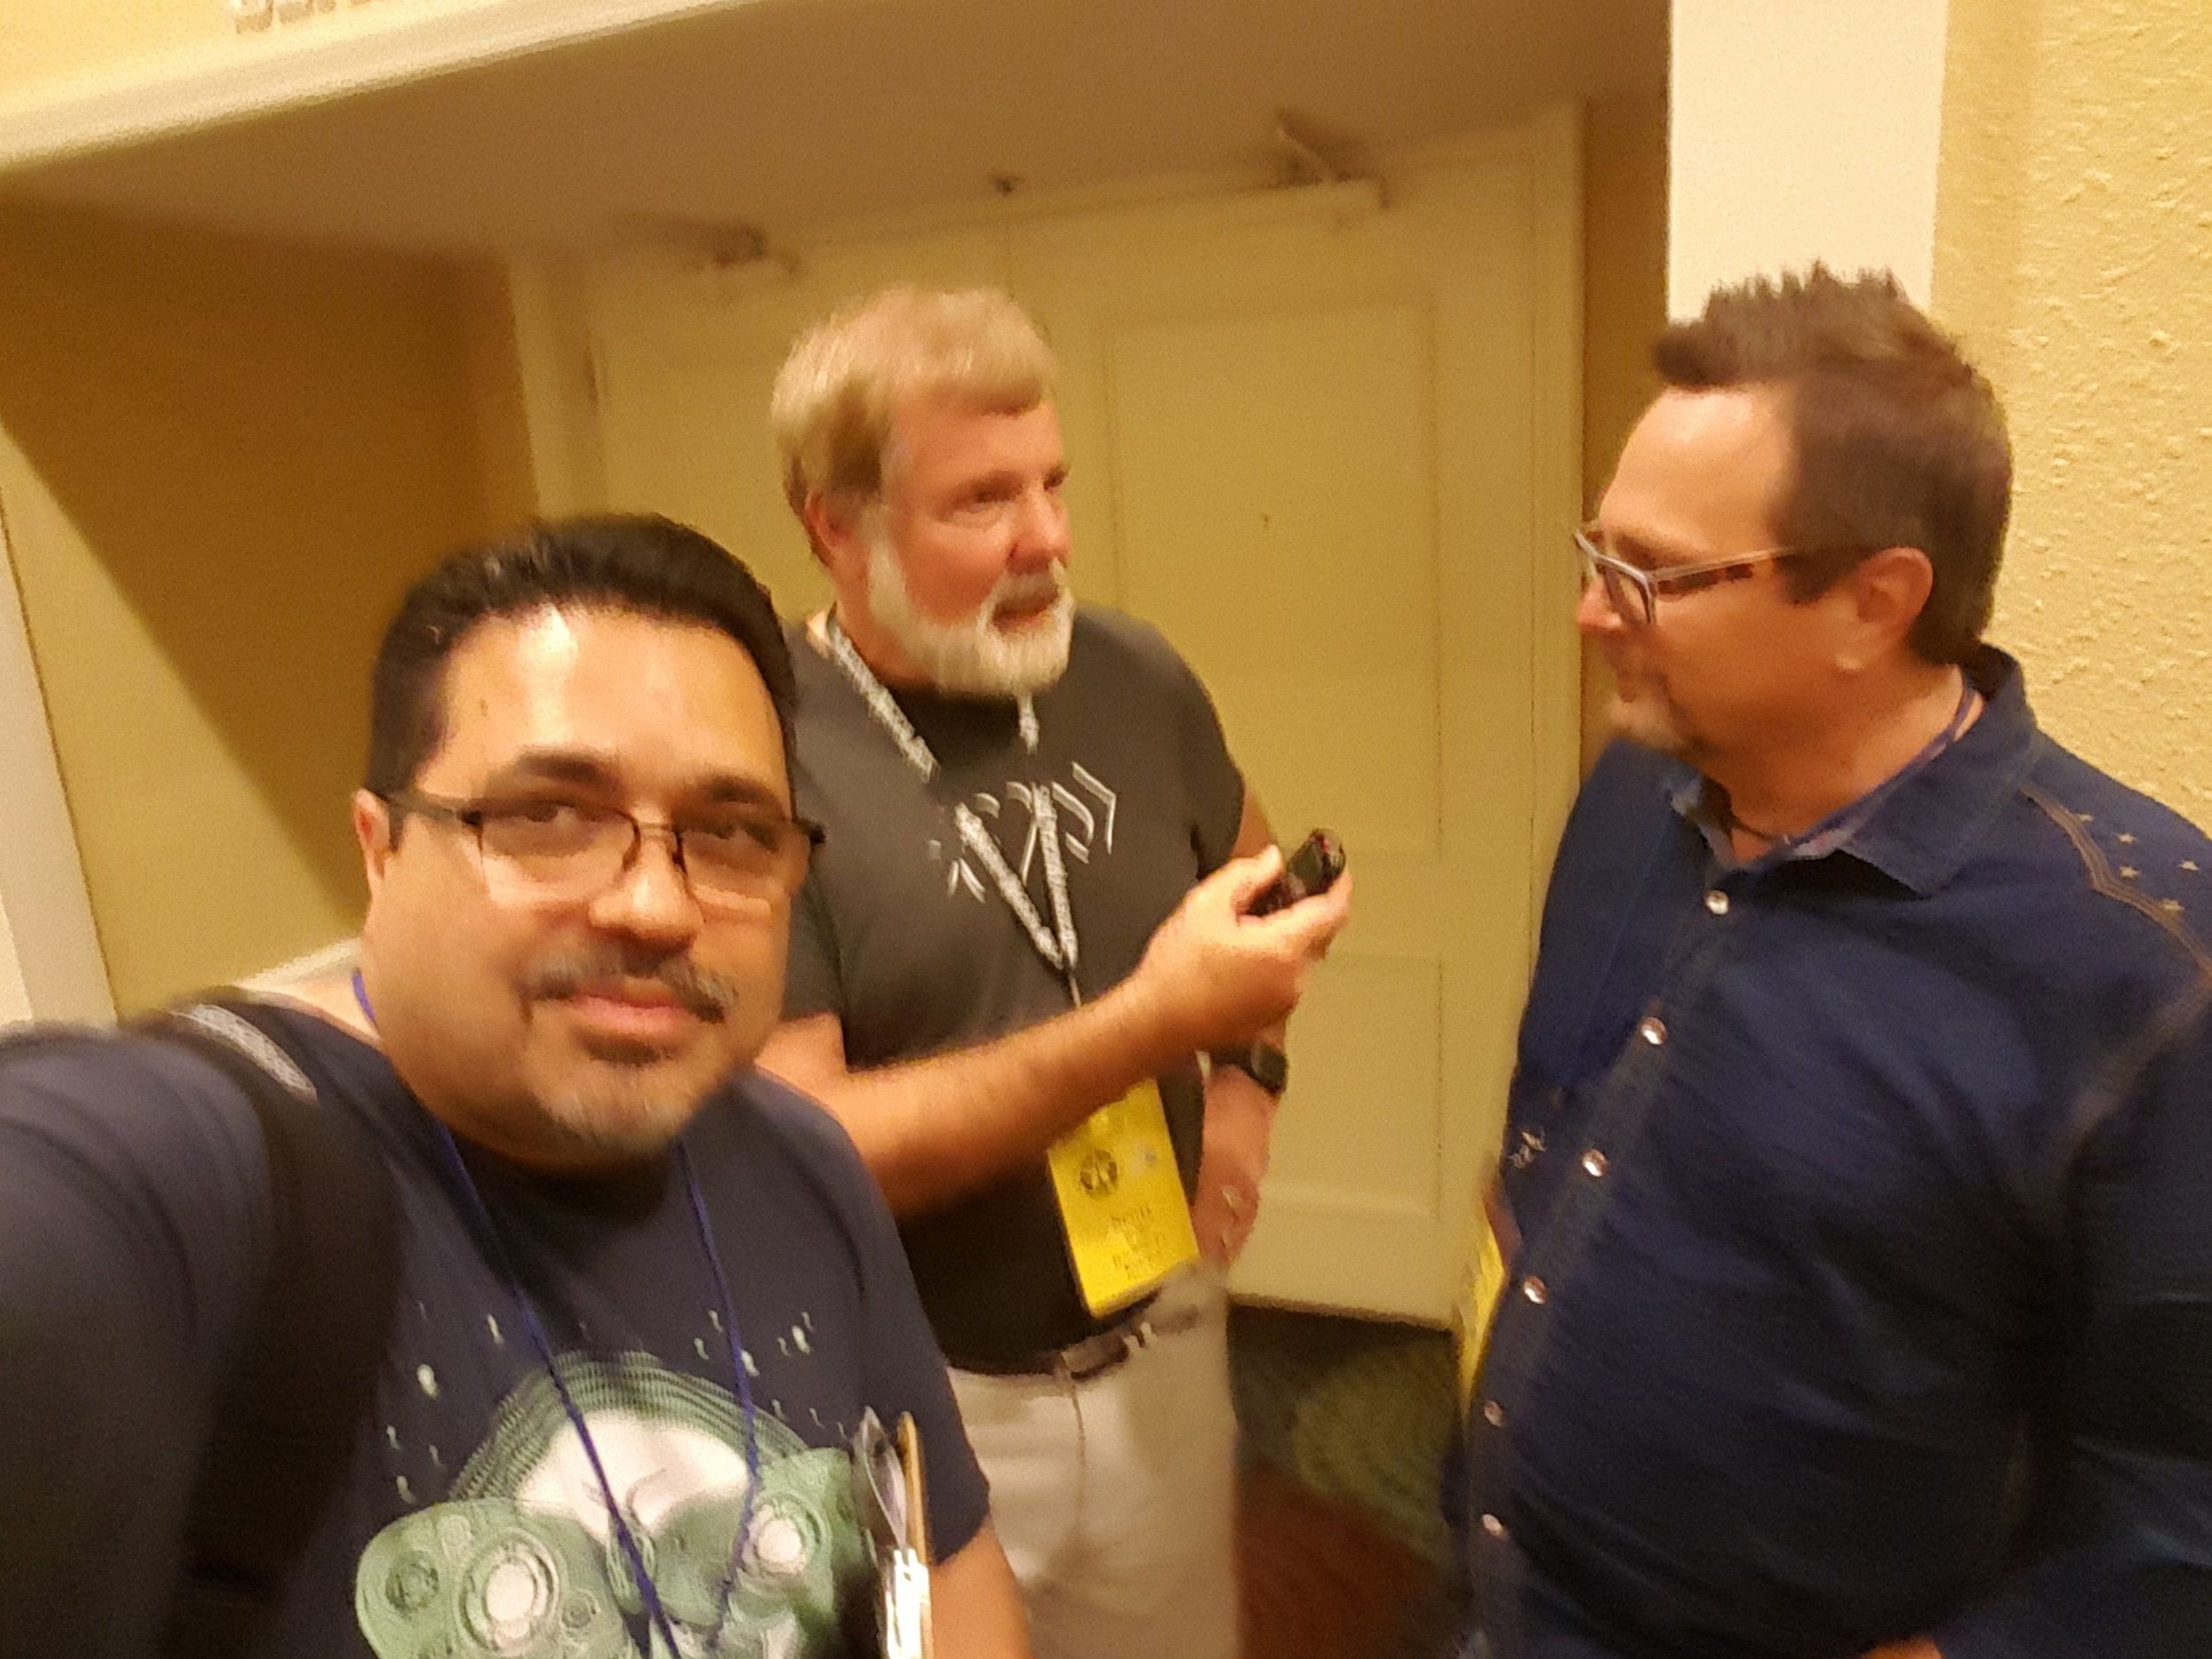 Jamie Salinas, Scott Wells and C.J. Johnson